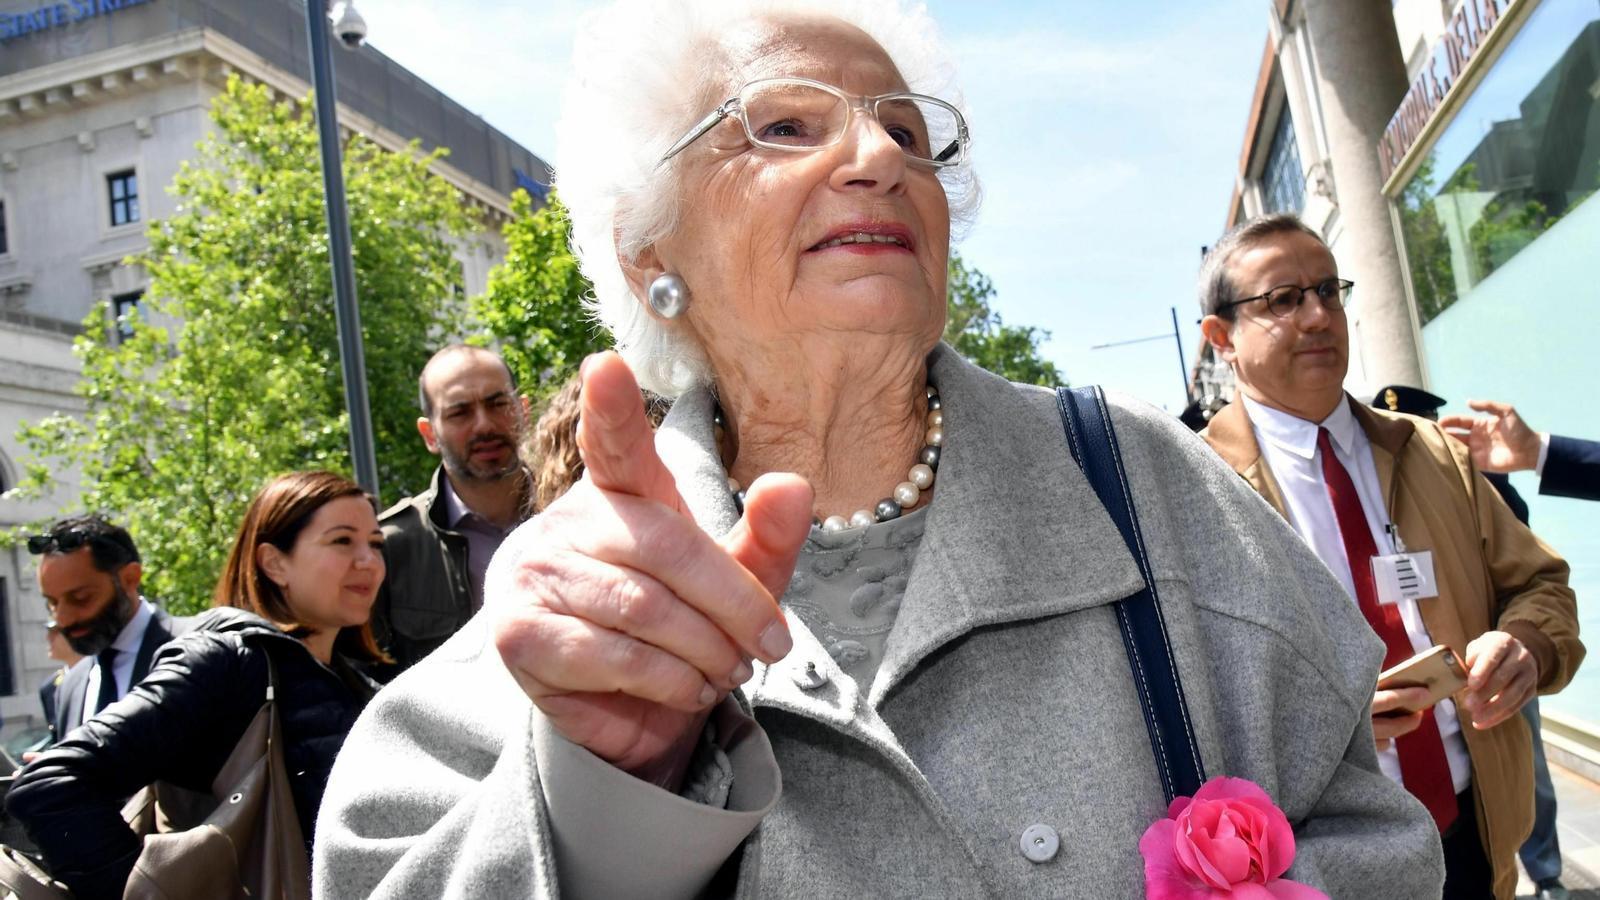 La senadora italiana supervivent de l'Holocaust, Liliana Segre, ha de dur escorta per amenaces de mort.